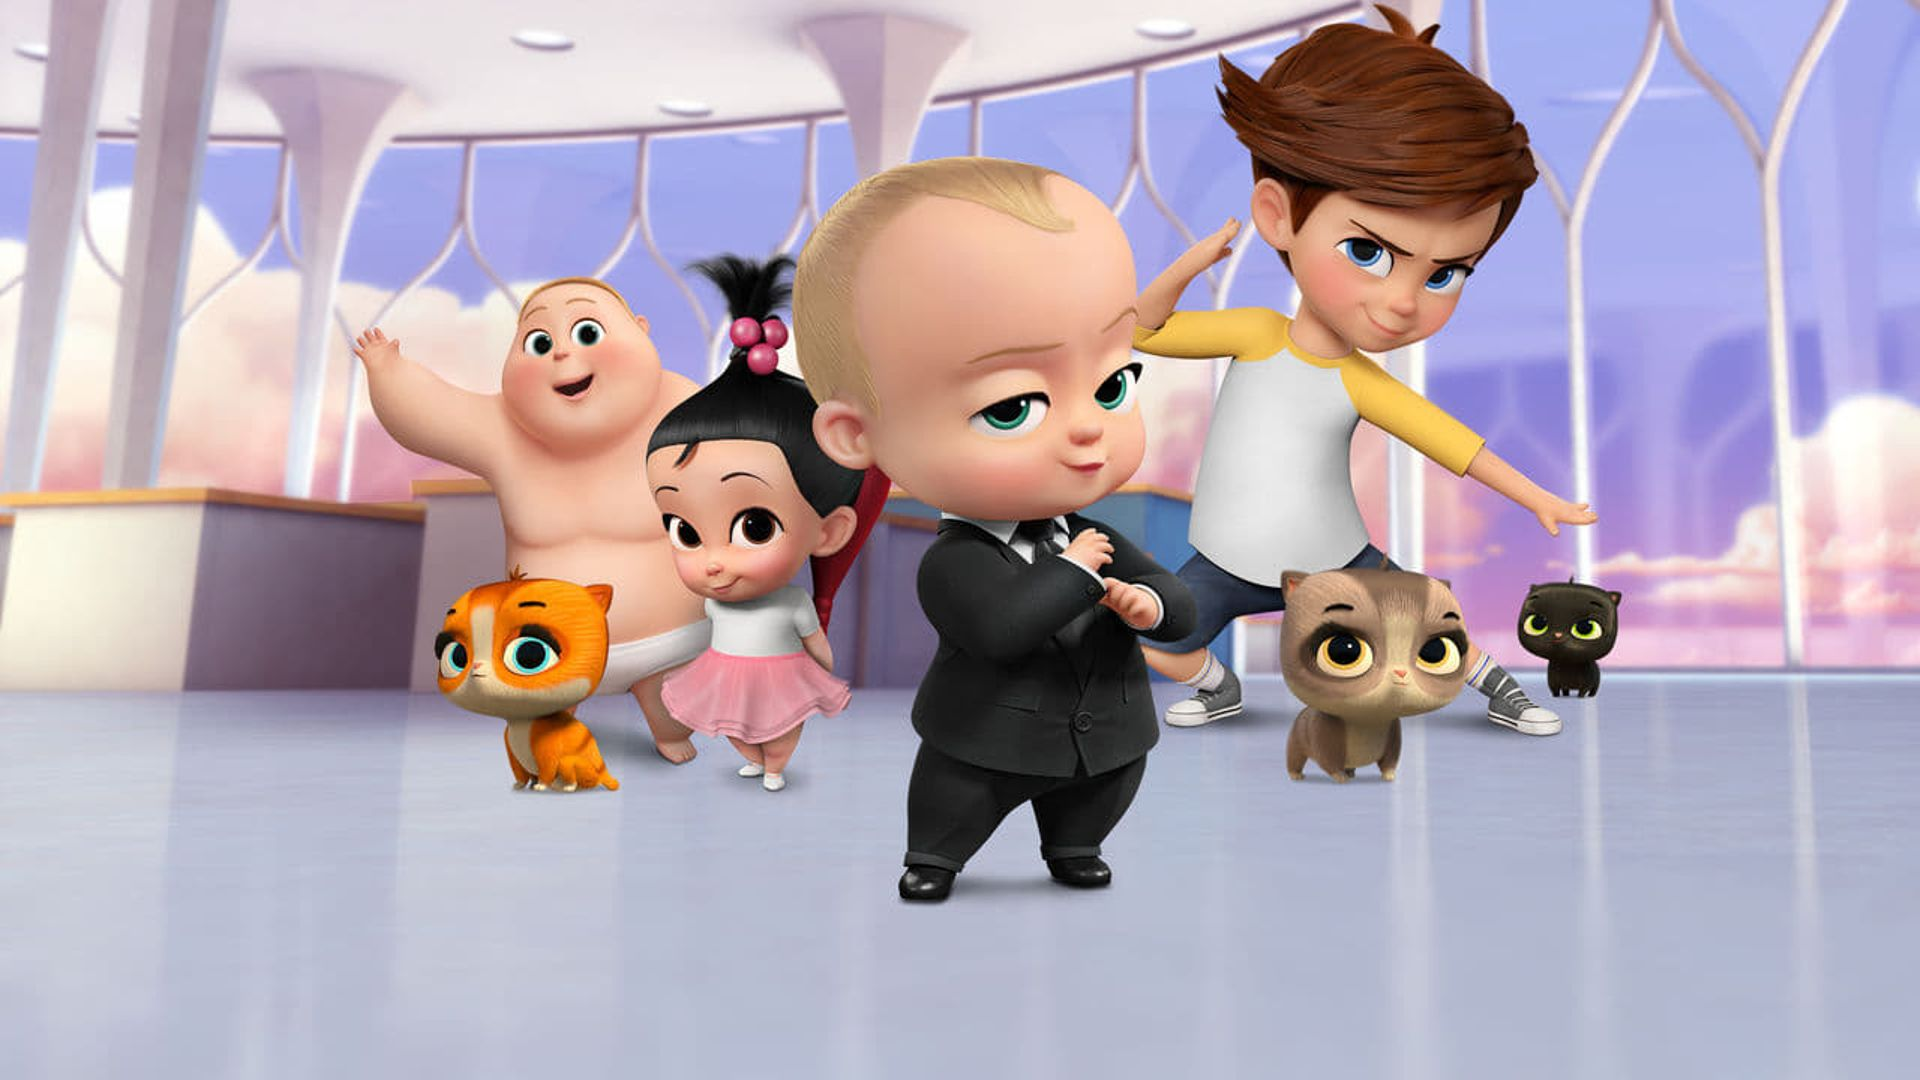 Backdrop Boss Baby Season 2 478011 Hd Wallpaper